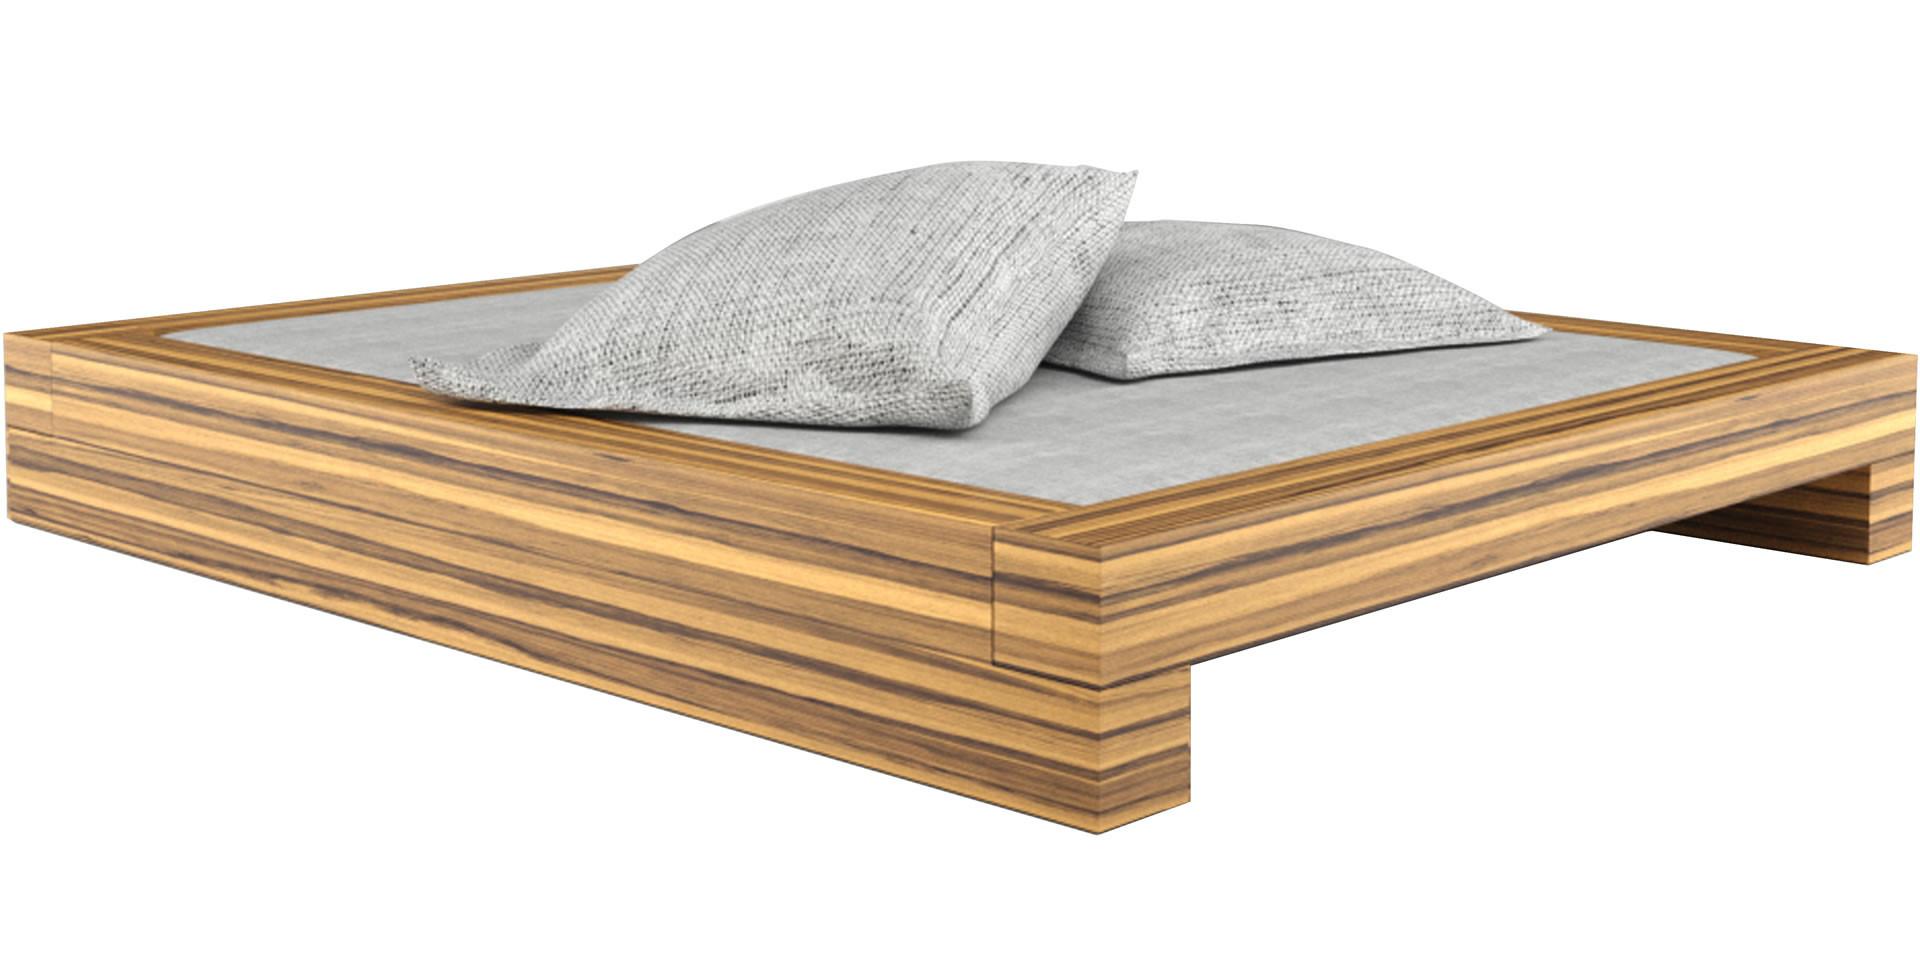 Full Size of Bett Design Holz Betten Schlicht Massivholz Somnium Minimalistisches Von Rechteck Cz Mit Hohem Kopfteil 180x200 Komplett Lattenrost Und Matratze Regal Weiß Wohnzimmer Bett Design Holz